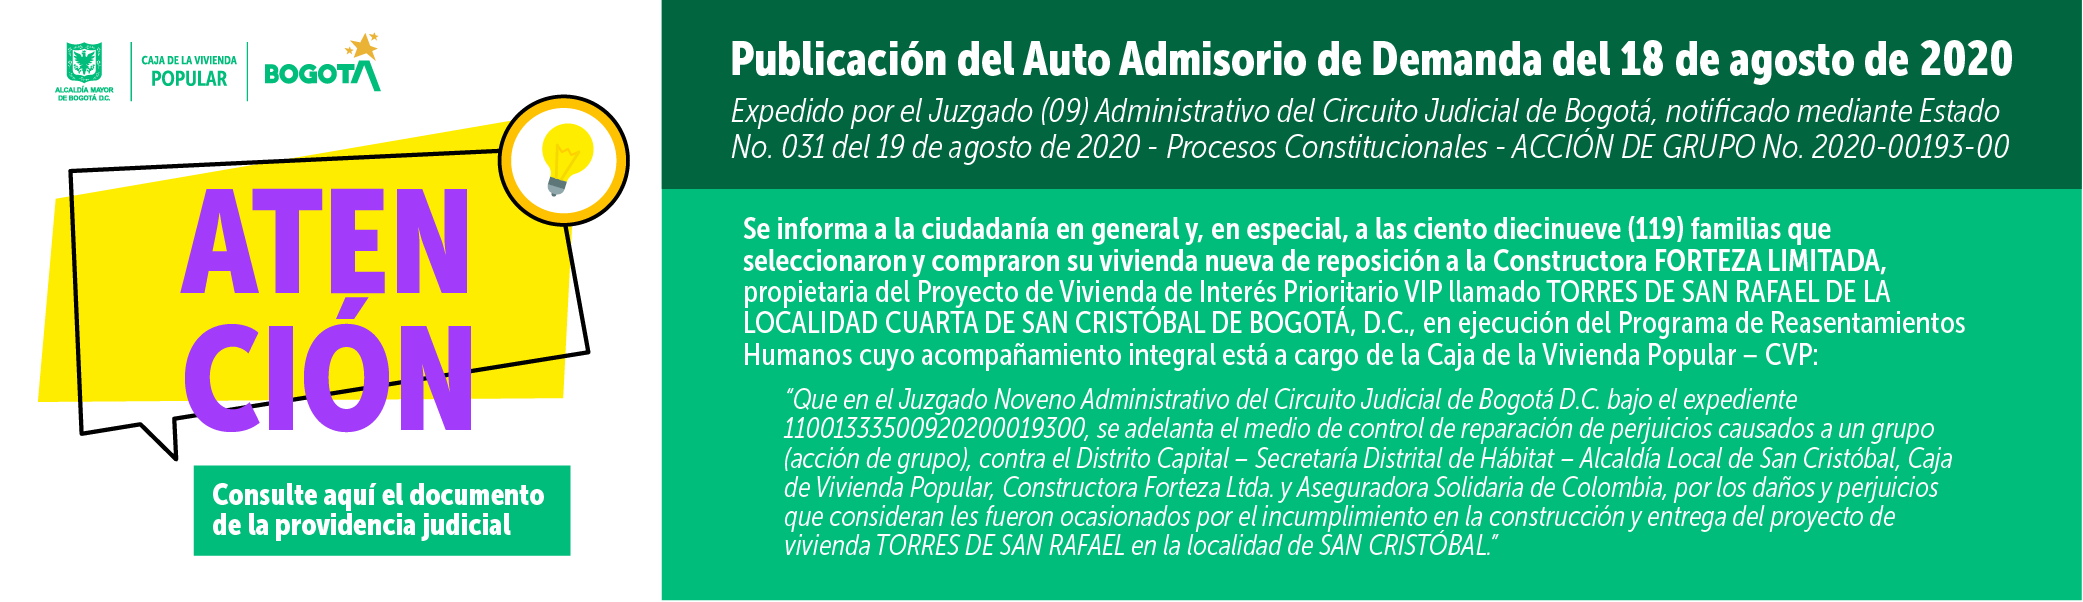 Publicación del Auto Admisorio de Demanda del 18 de agosto de 2020 expedido por el Juzgado (09) Administrativo del Circuito Judicial de Bogotá, notificado mediante Estado No. 031 del 19 de agosto de 2020 - Procesos Constitucionales - ACCIÓN DE GRUPO No. 2020-00193-00.